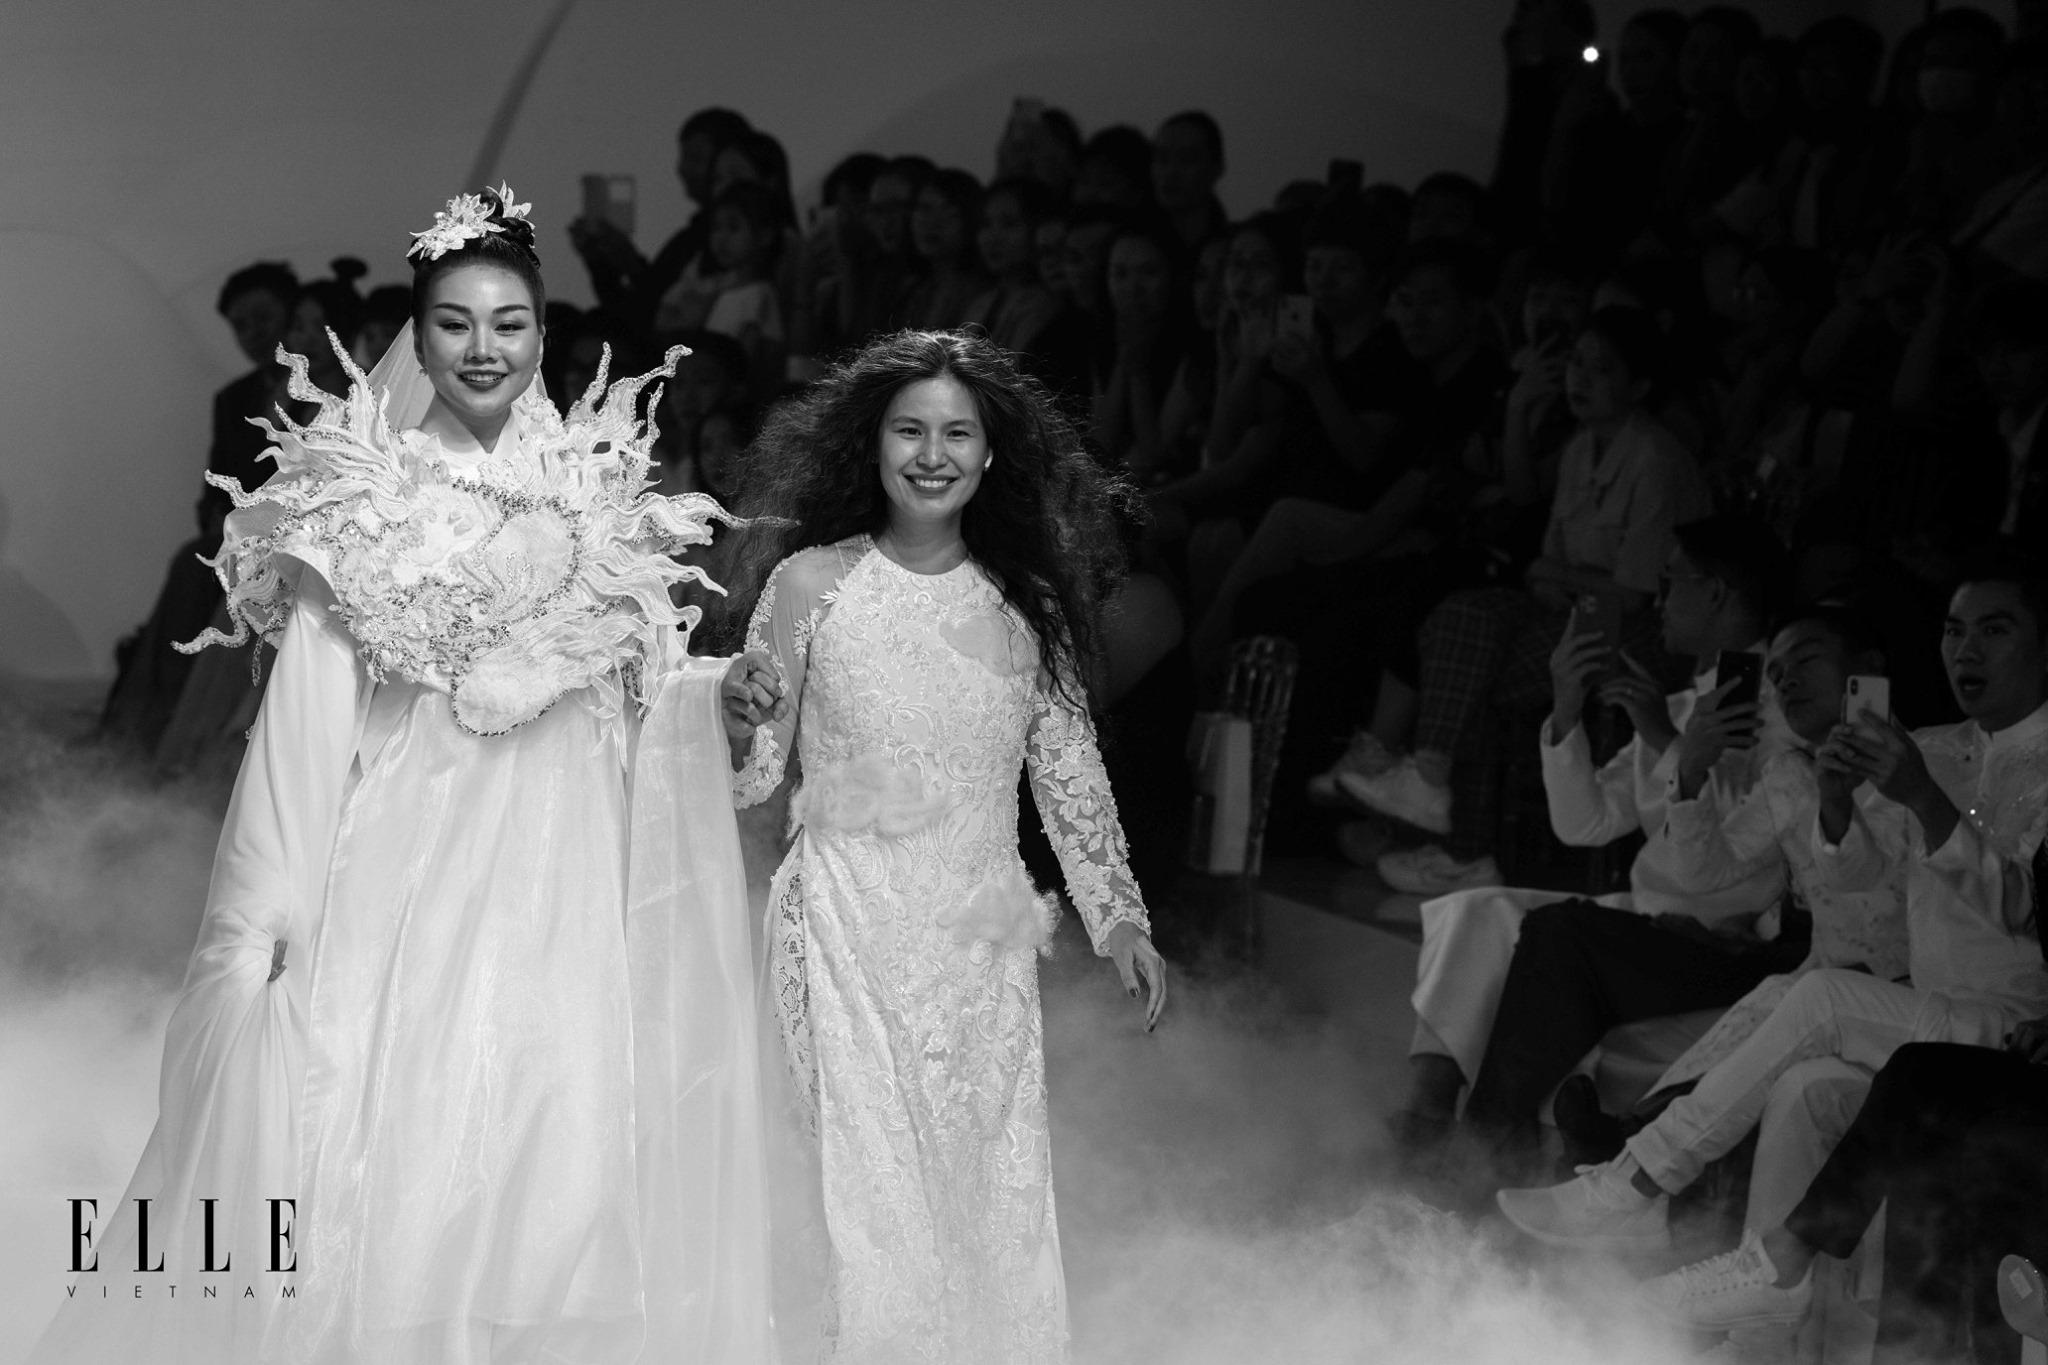 lle-wedding-art-gallery_ntk-thuy-nguyen